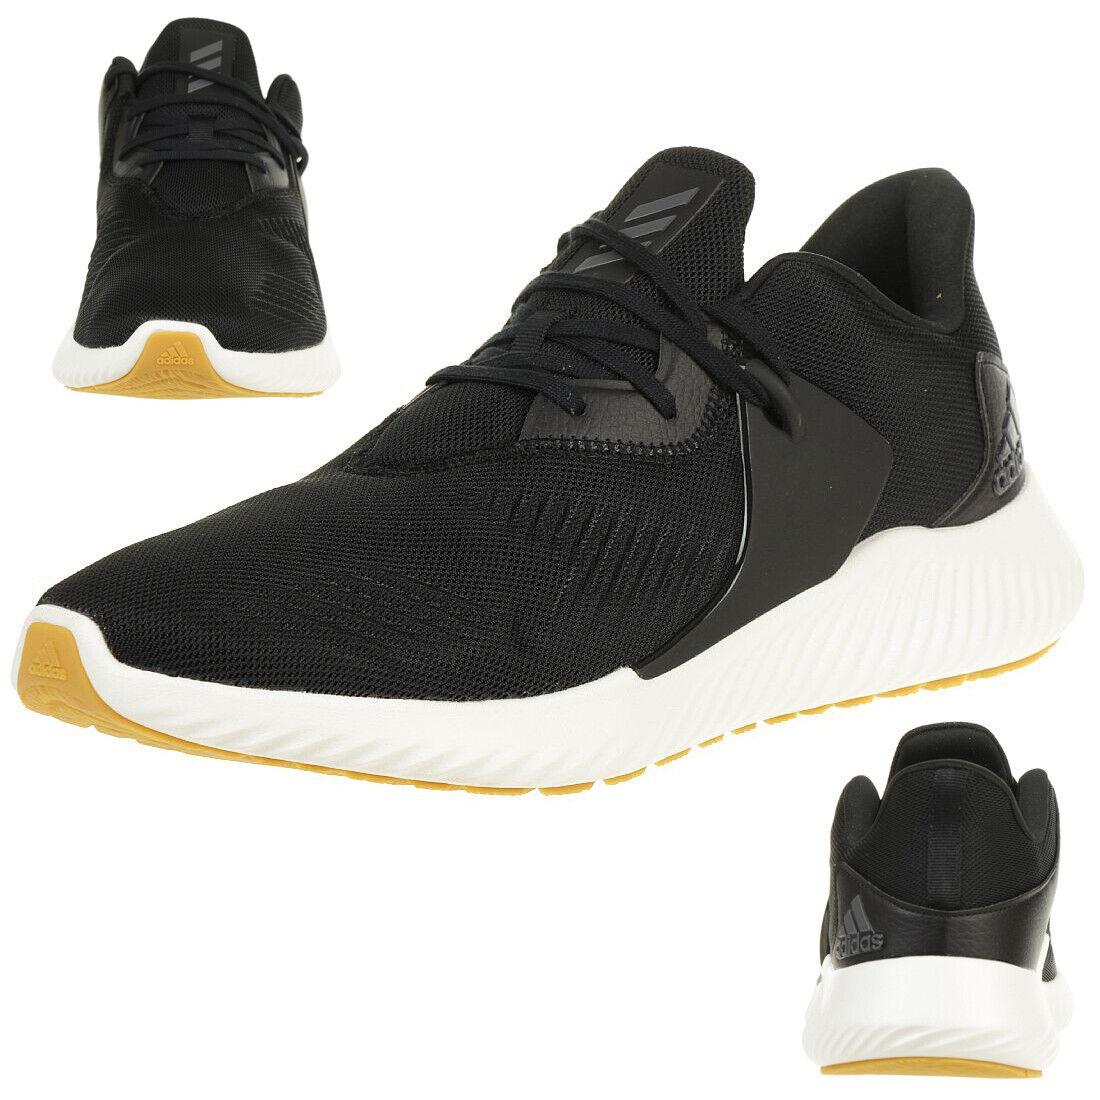 Adidas alphabount rc 2 m mannen die schoenen joggen zwarte stroom